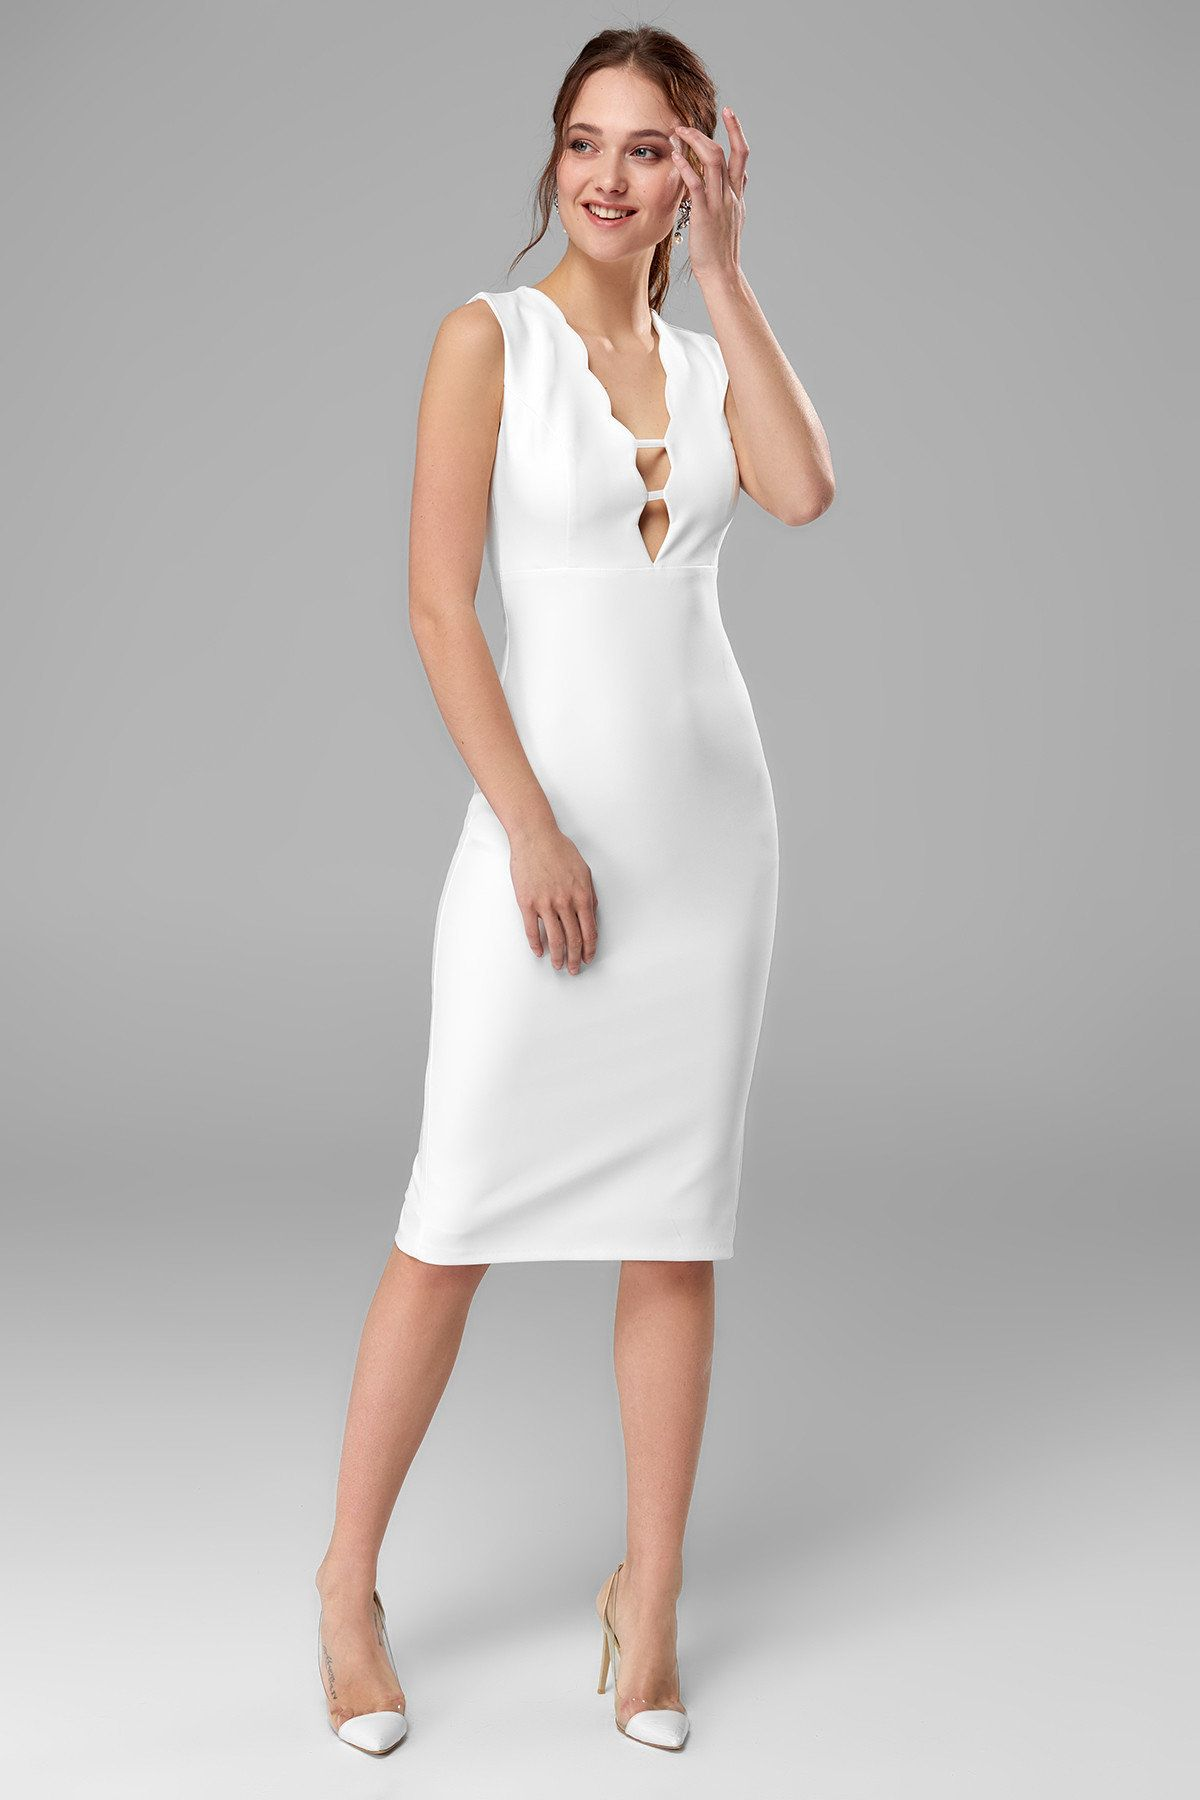 64 99 Tl Beyaz Yaka Detayli Nikah Elbisesi Tprss18bb0282 Trendyolmilla Trendyol Siyah Abiye Elbiseler Giyim